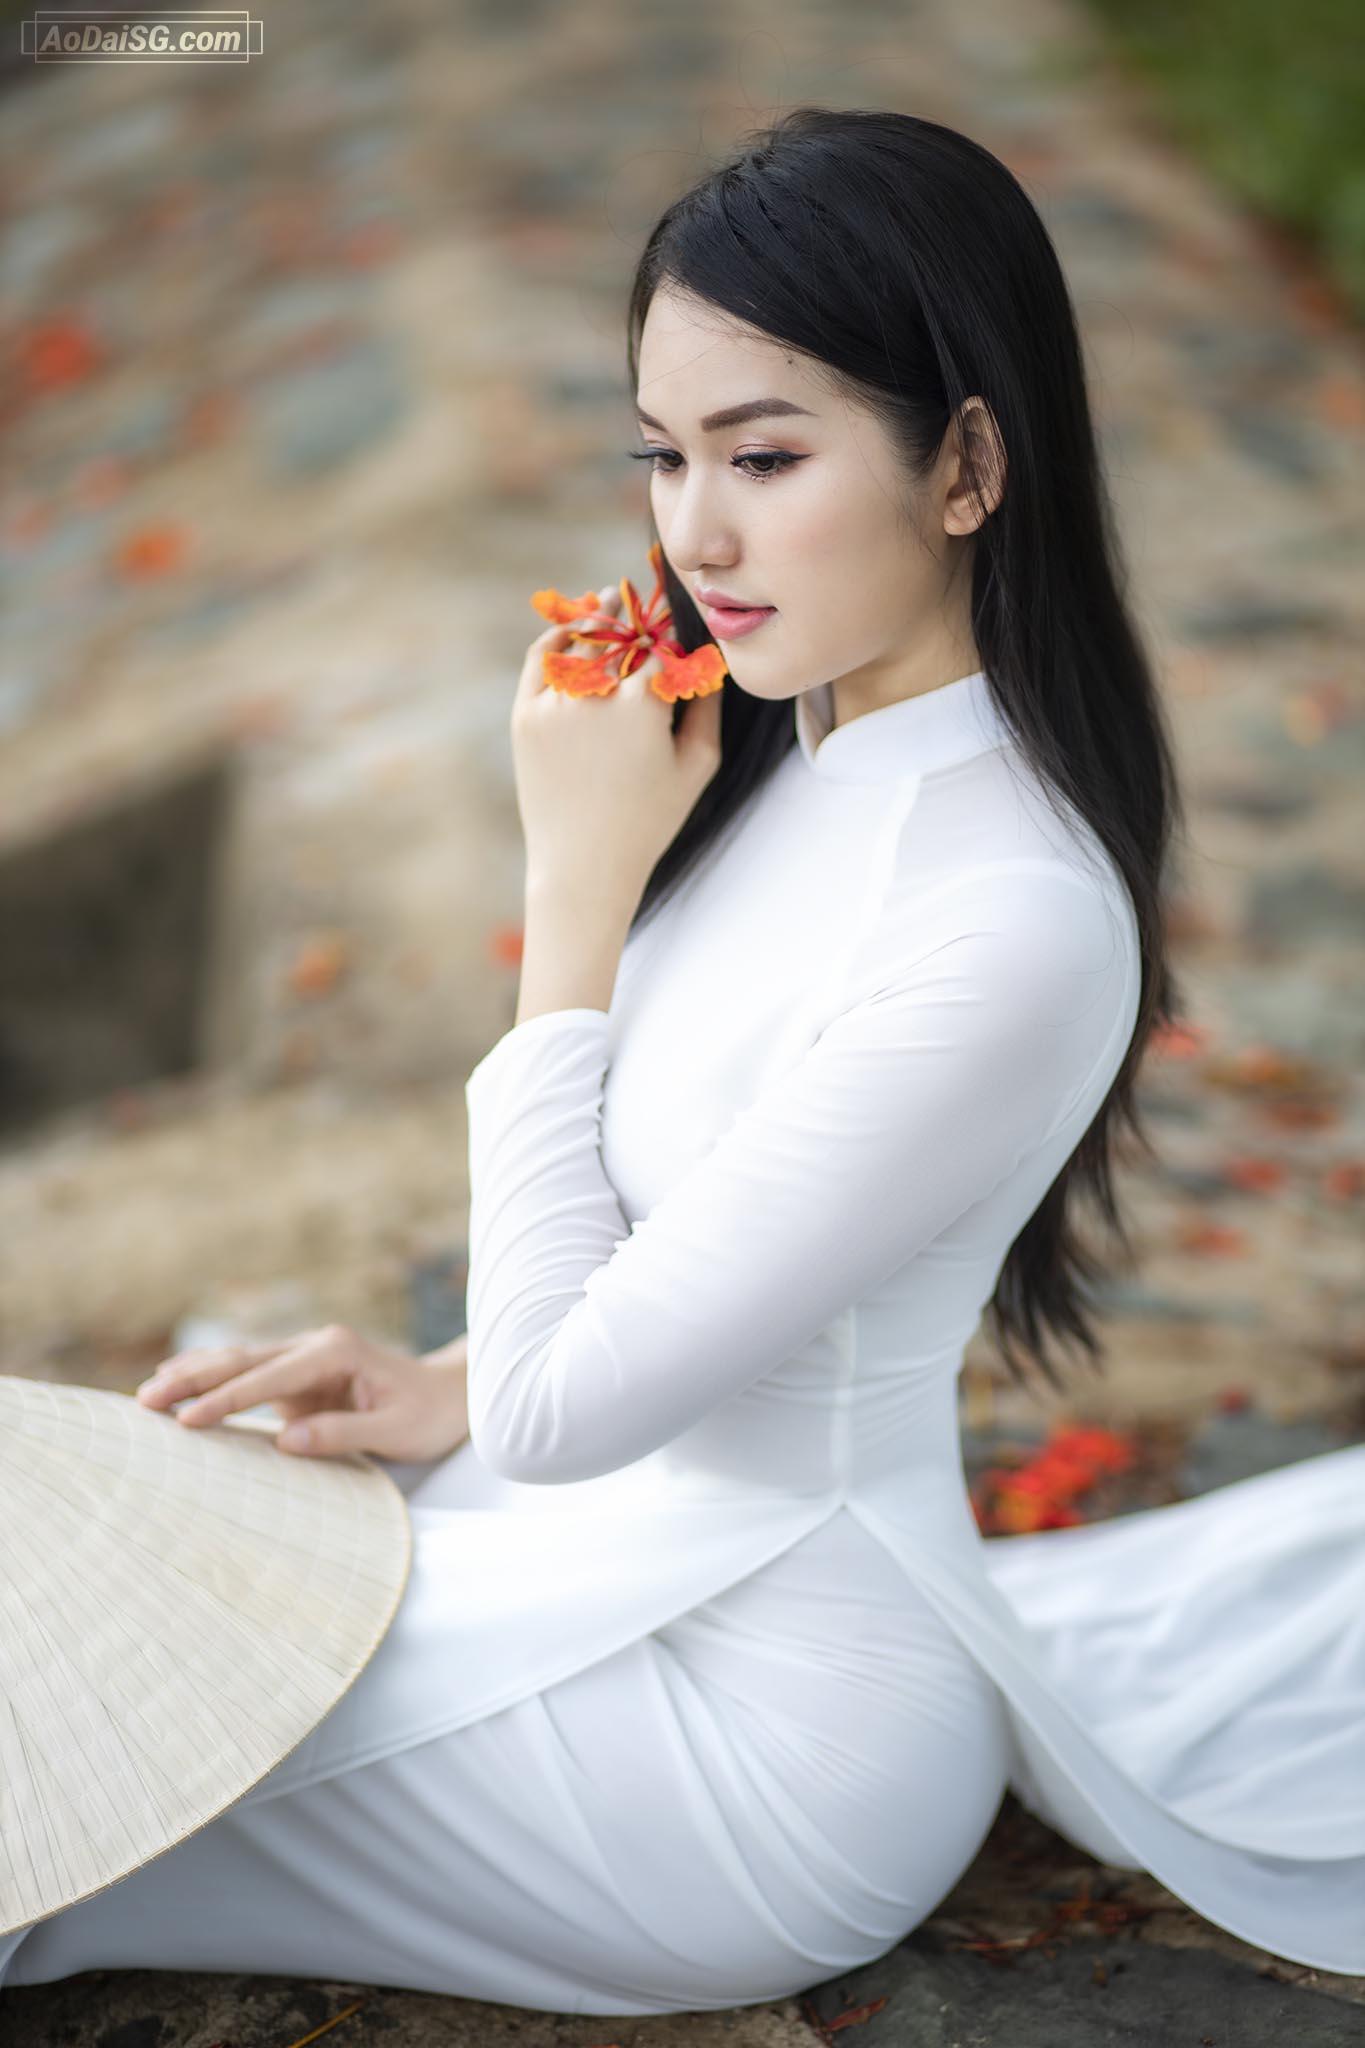 hinh ao dai voi hoa phuong tai hcm